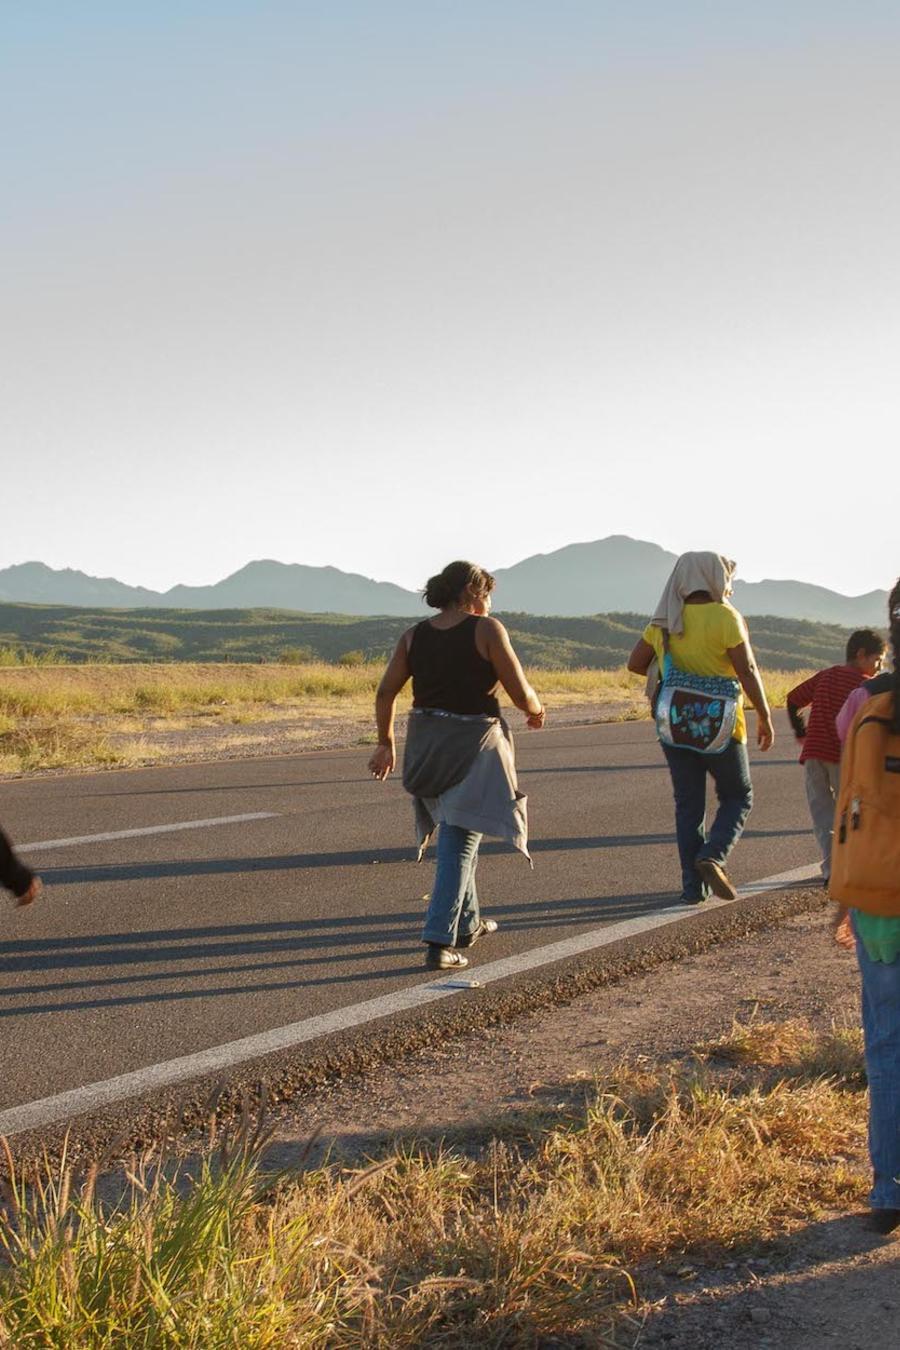 Imagen de archivo de migrantes caminando al lado de una carretera en el estado de Sonora, México.